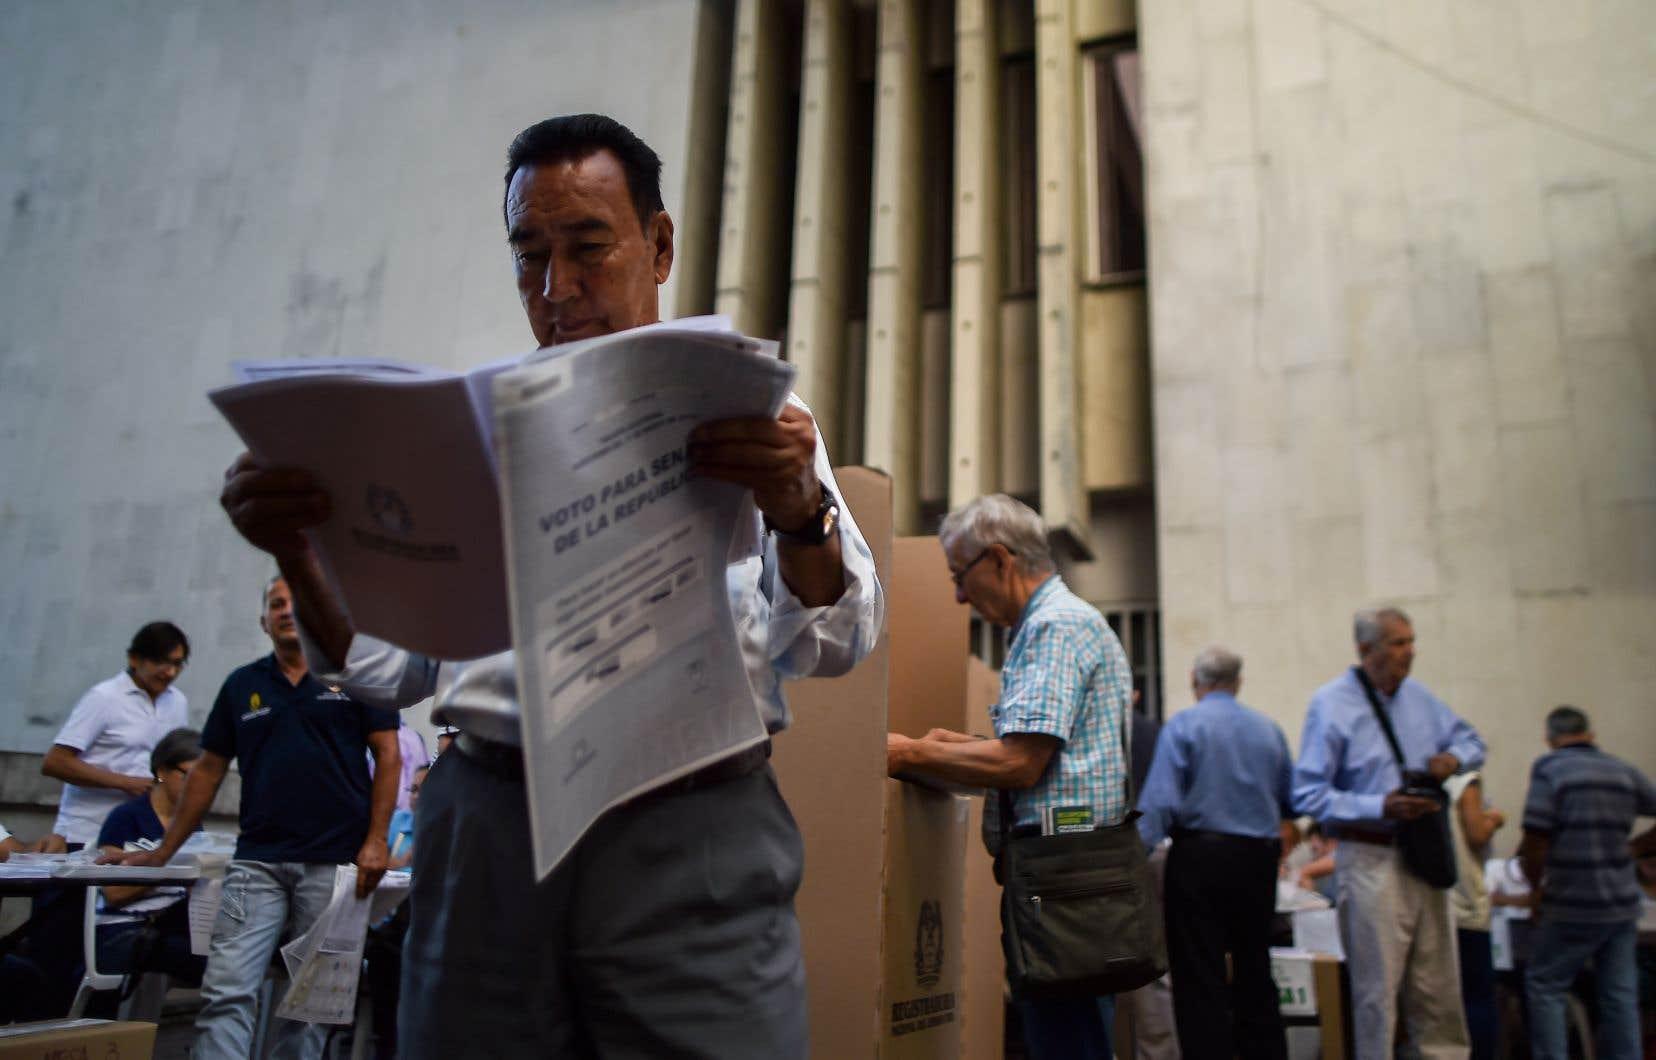 Un homme lit un bulletin électoral avant de voter dans un bureau de scrutin à Cali, département du Valle del Cauca, dimanche.